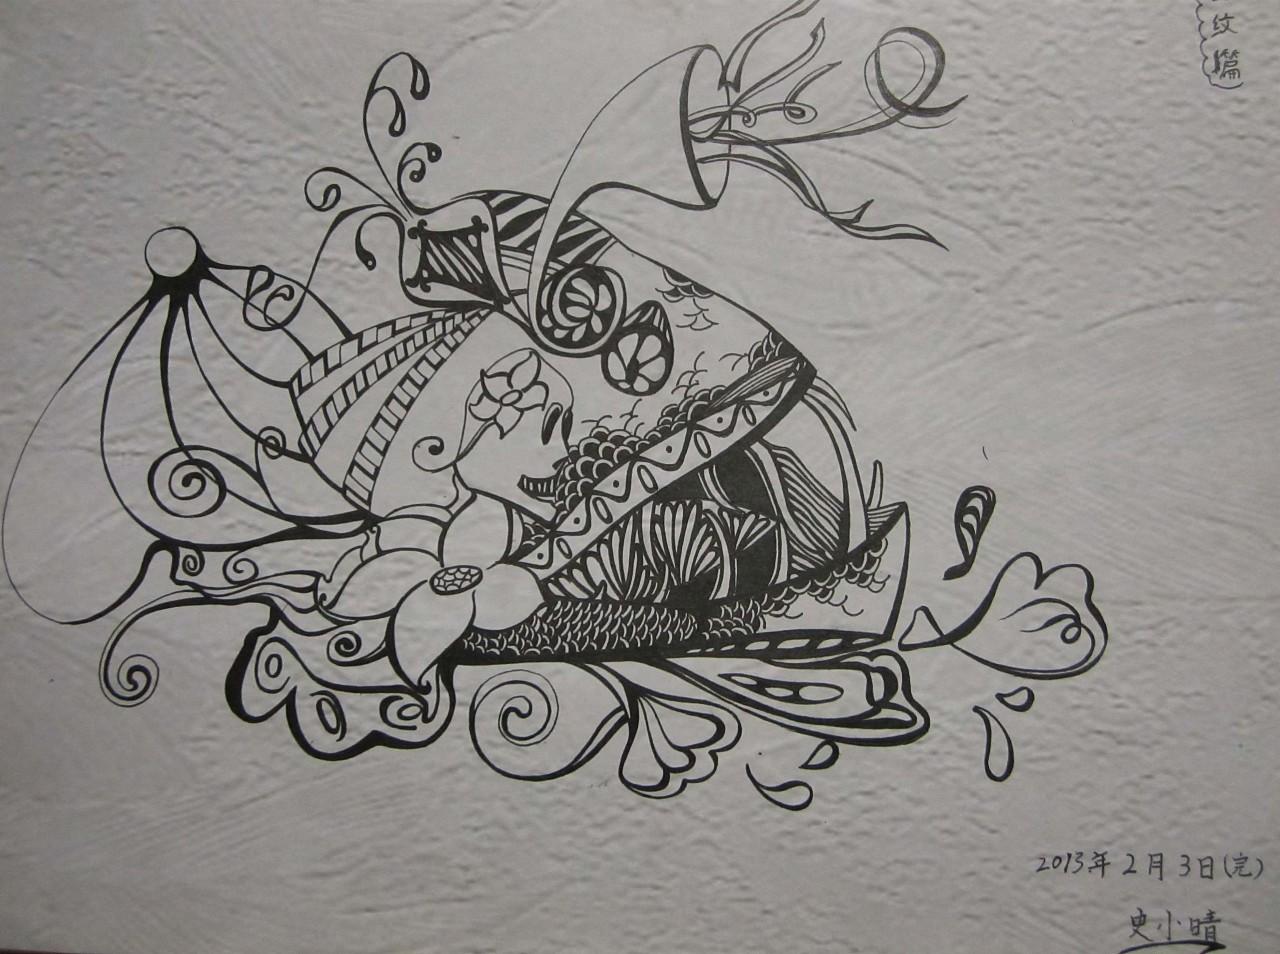 黑白手绘|插画|插画习作|野山坡 9号 - 原创作品